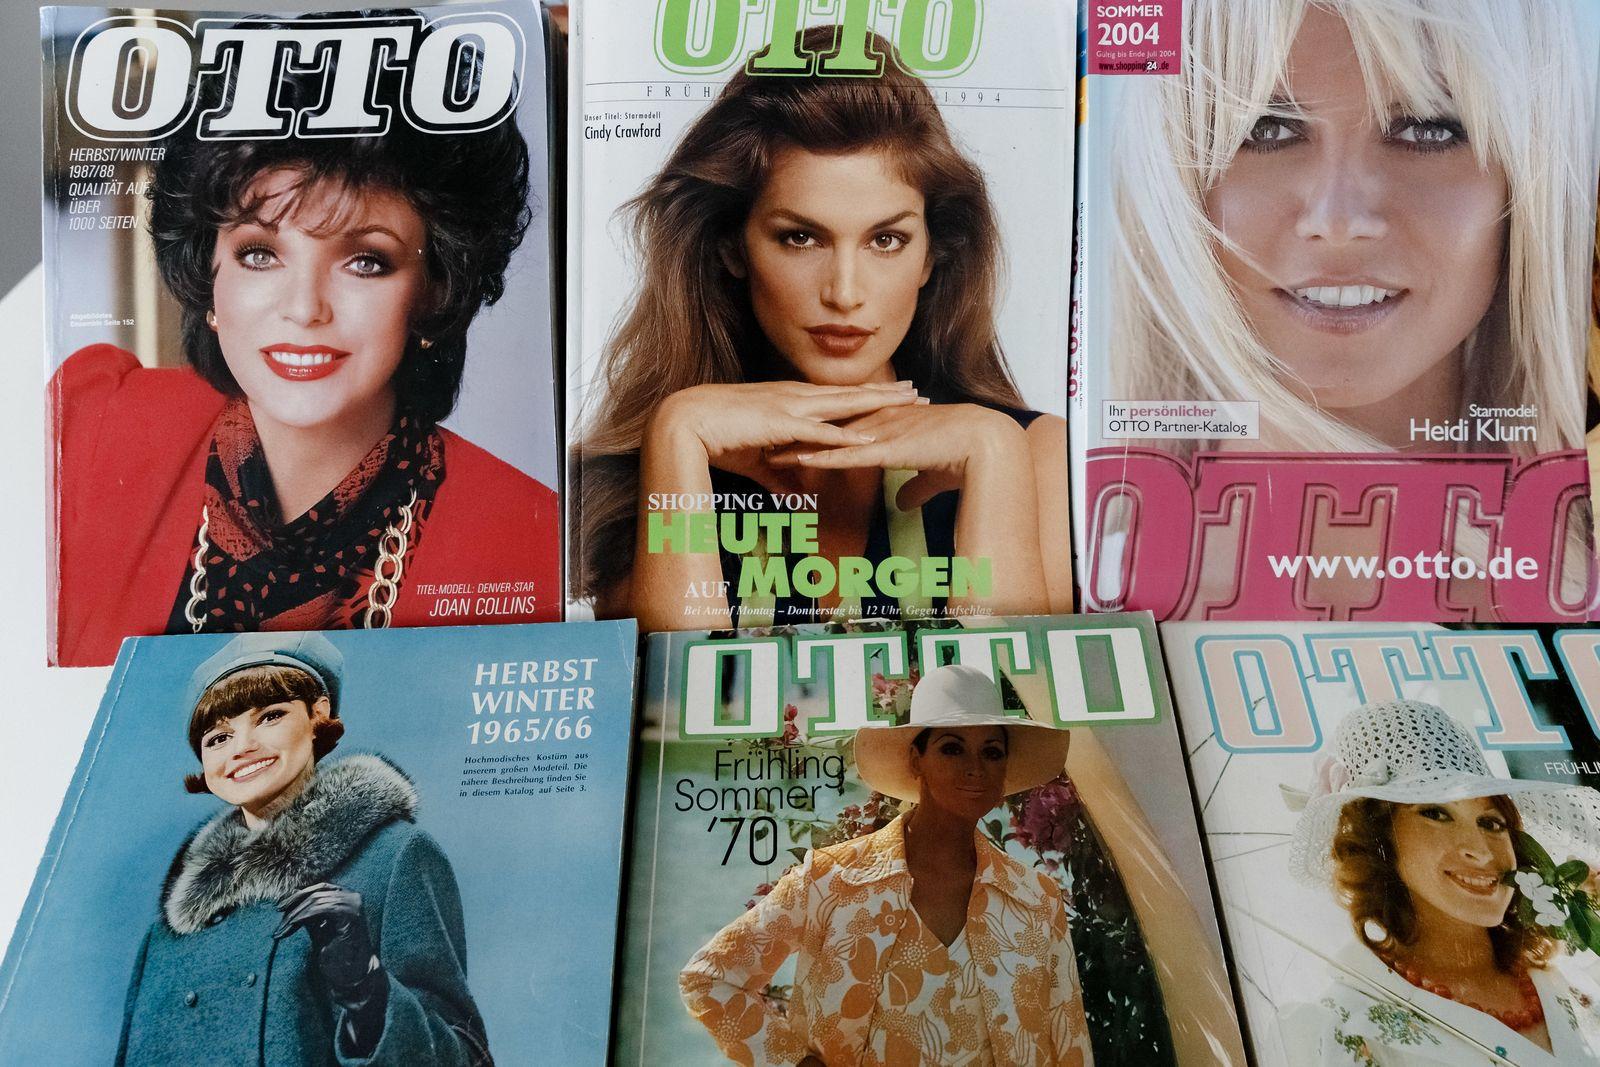 Ende einer Ära - das Internet ersetzt den Otto-Katalog